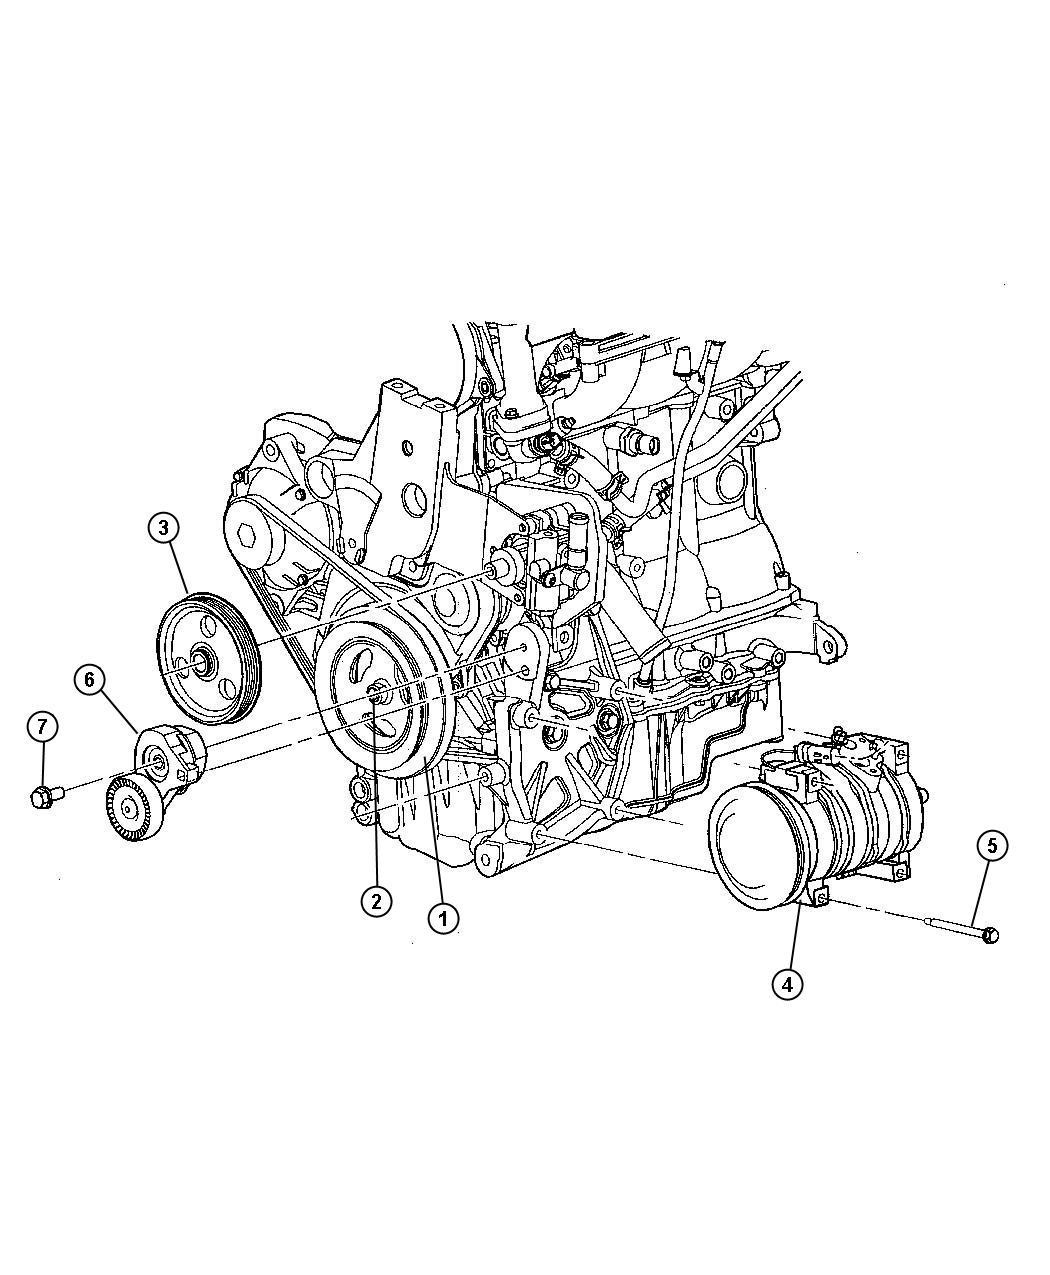 2008 Chrysler Sebring Pulley. Power steering pump. Engine